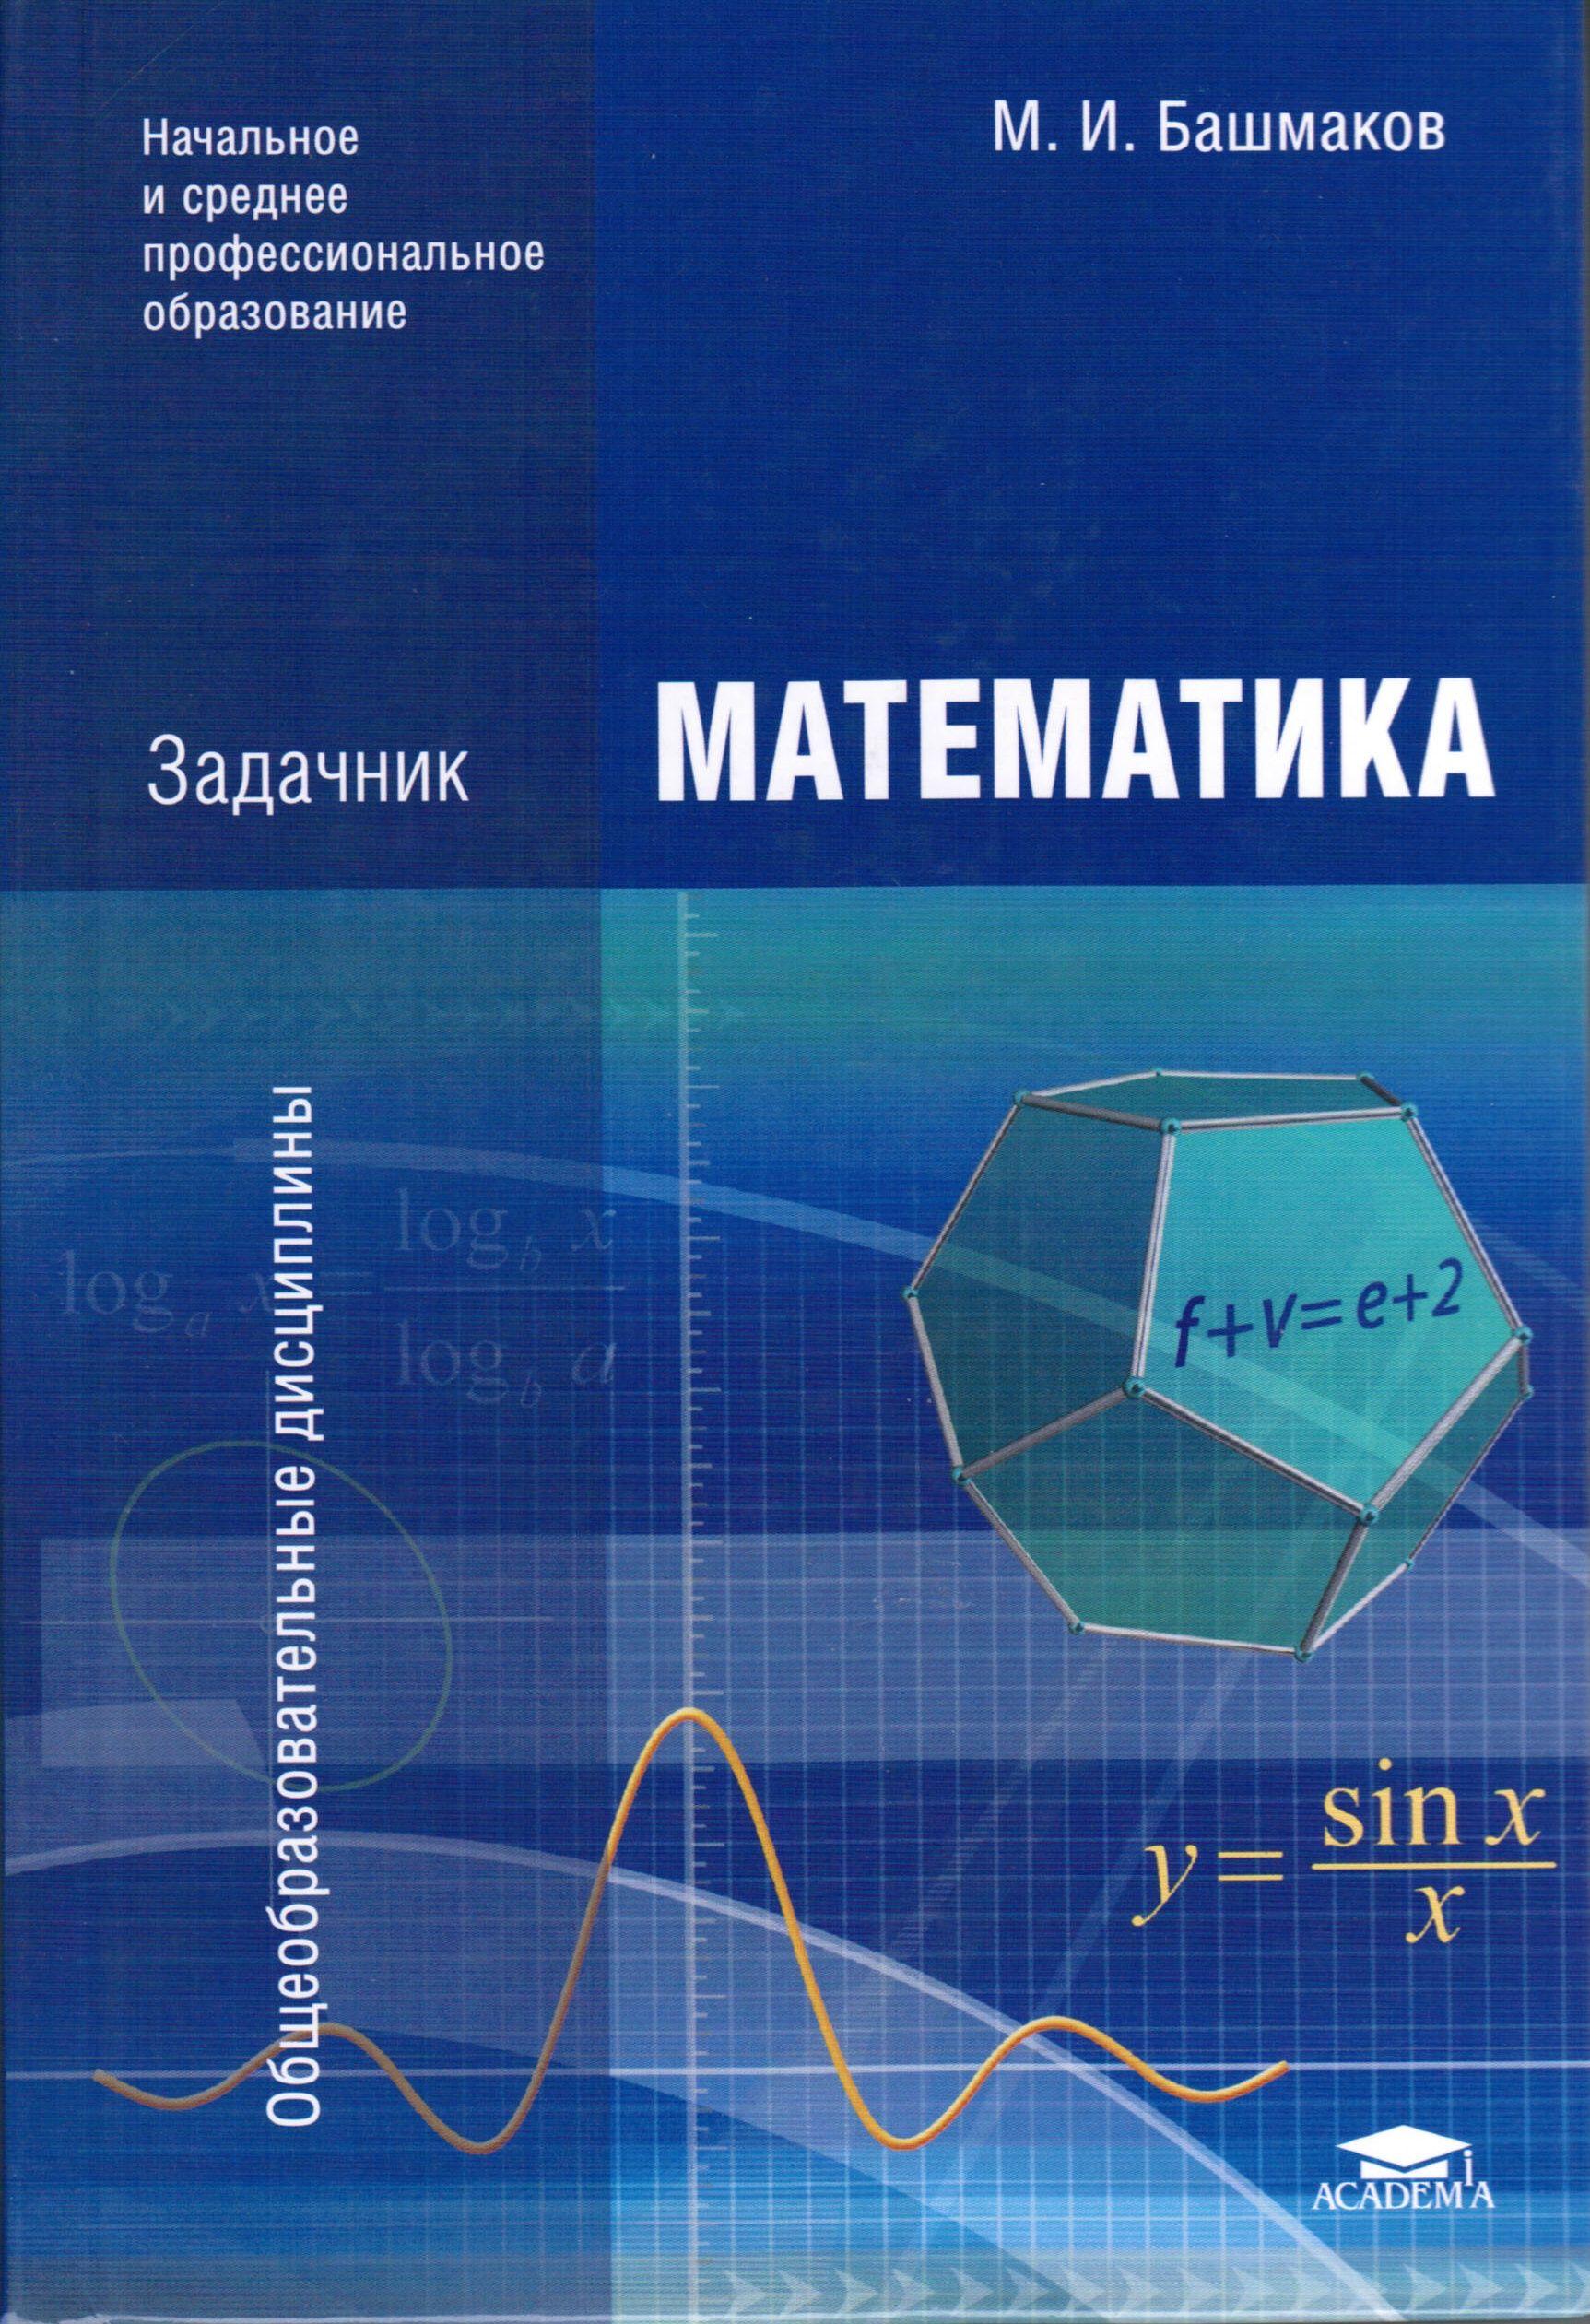 Спо башмаков м.и решебник по задачнику